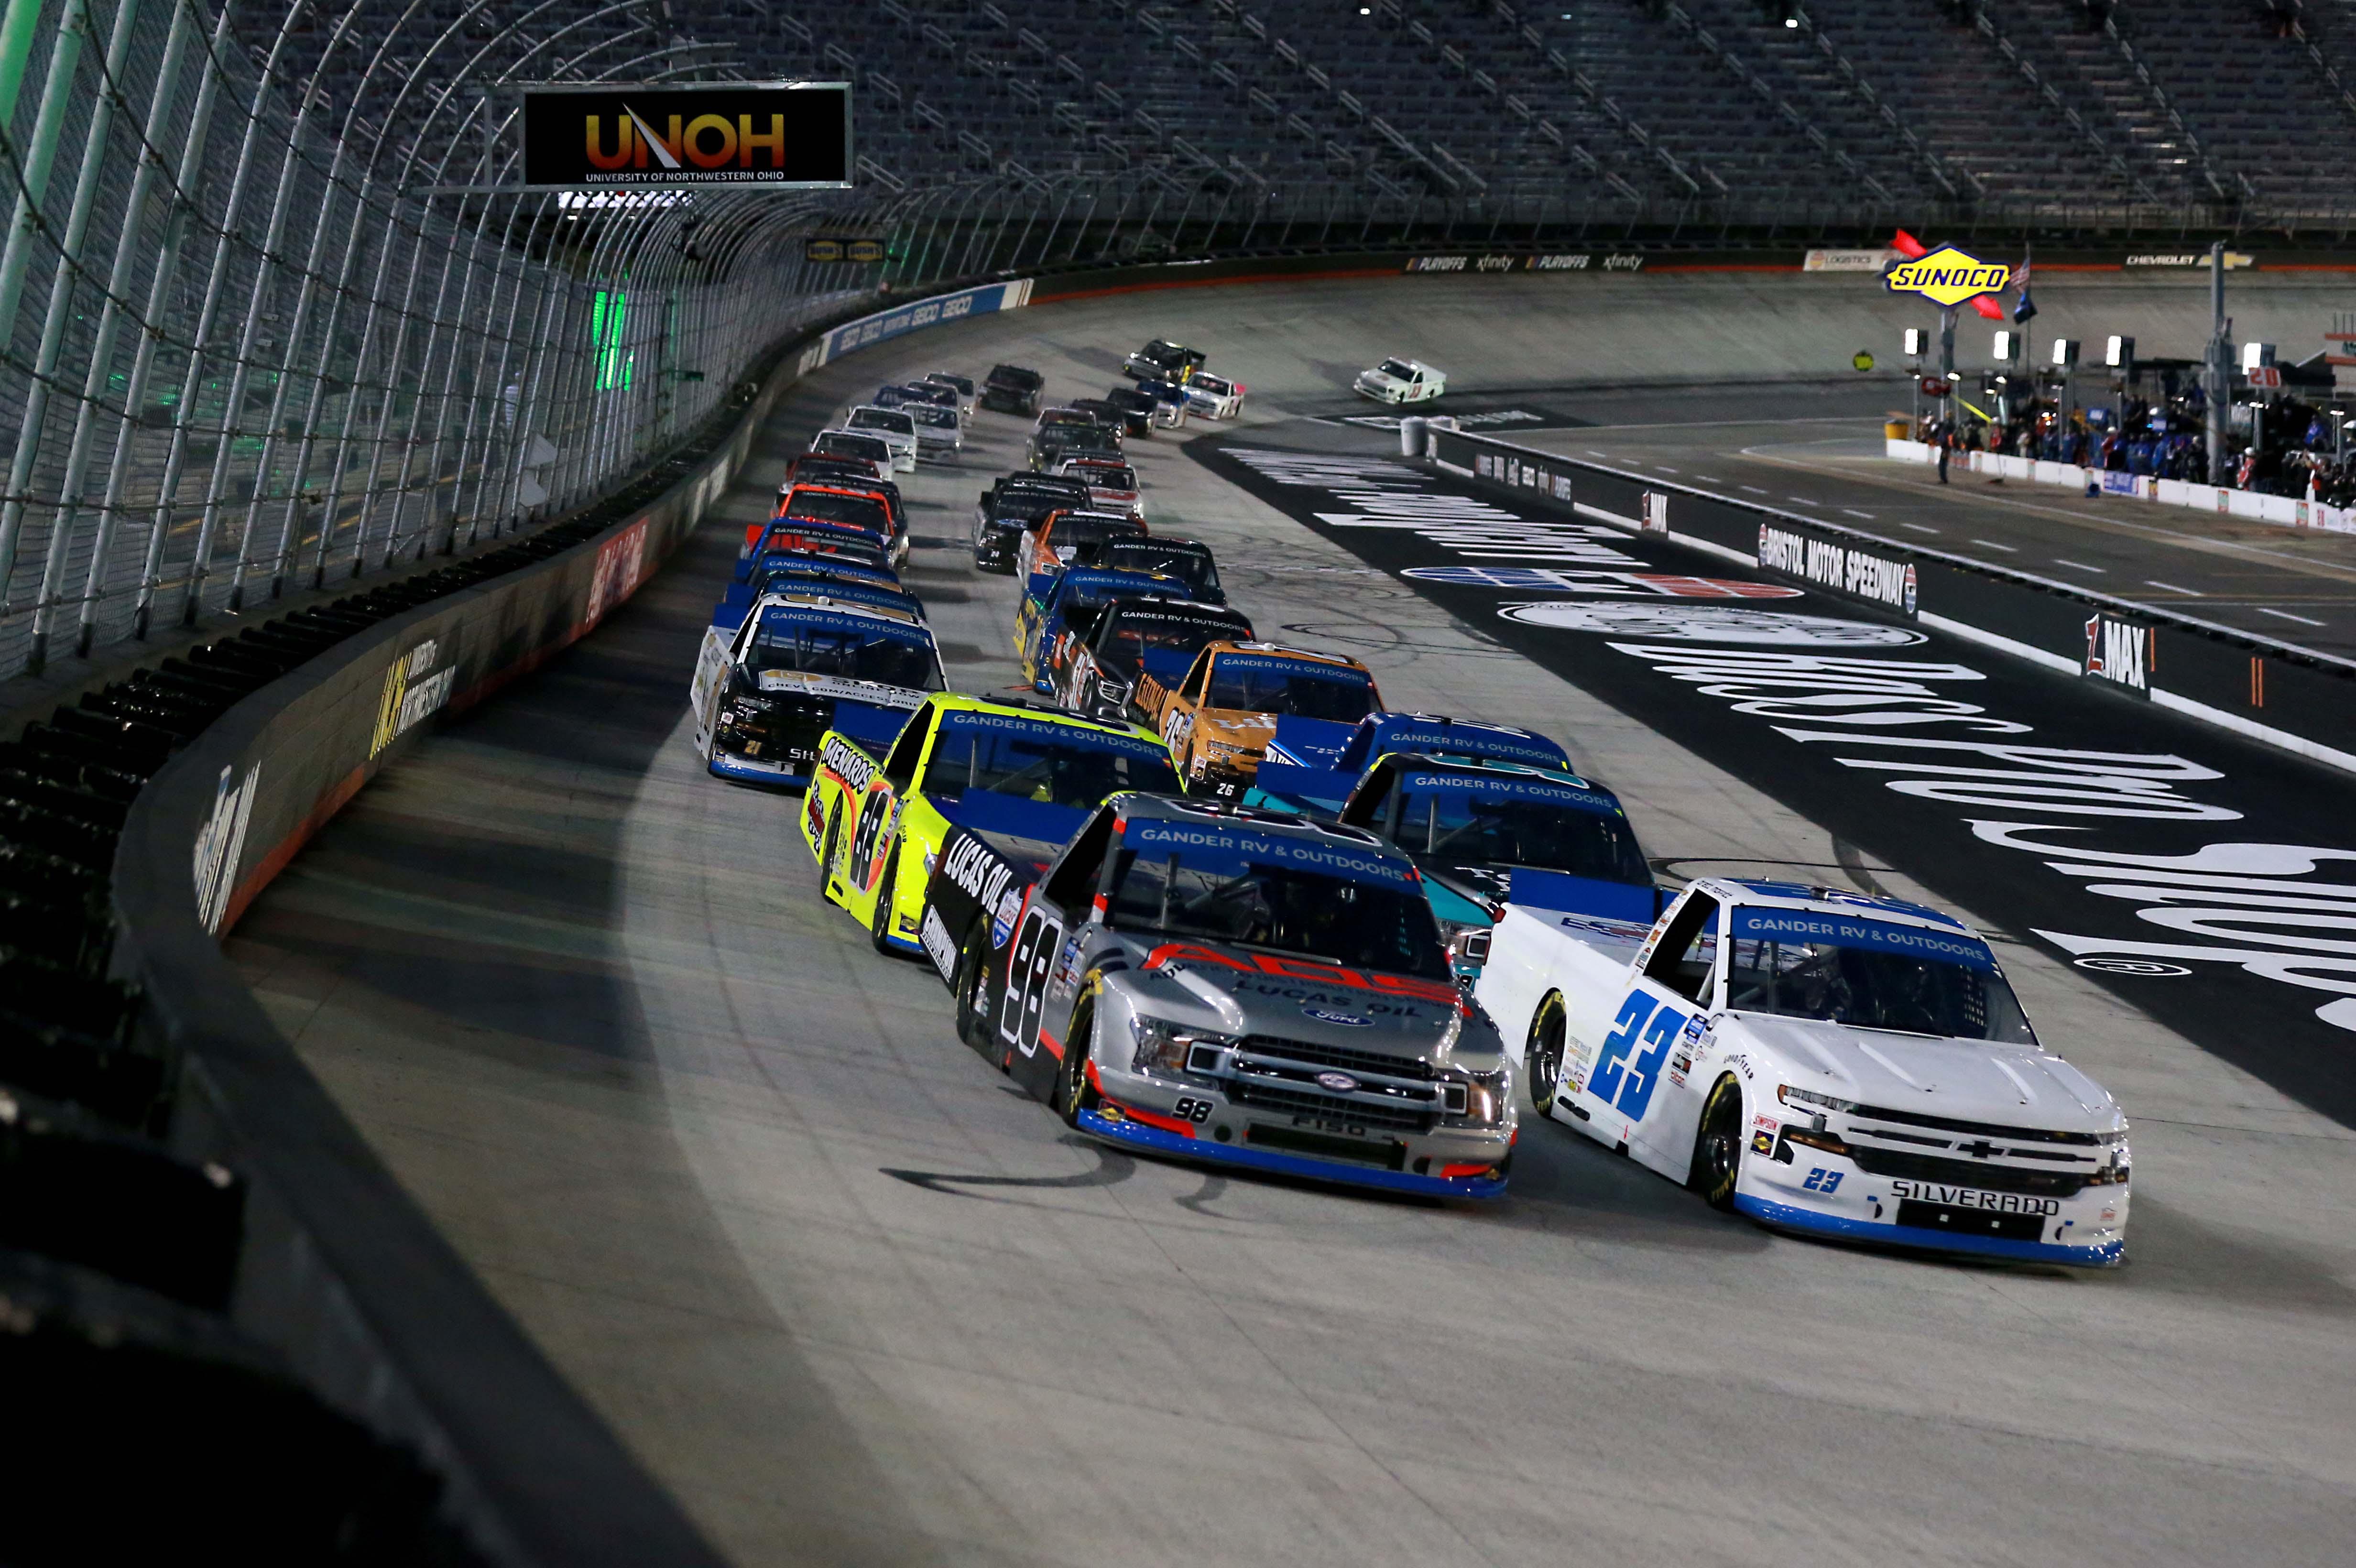 Brett Moffitt, Grant Enfinger - Bristol Motor Speedway - NASCAR Truck Series